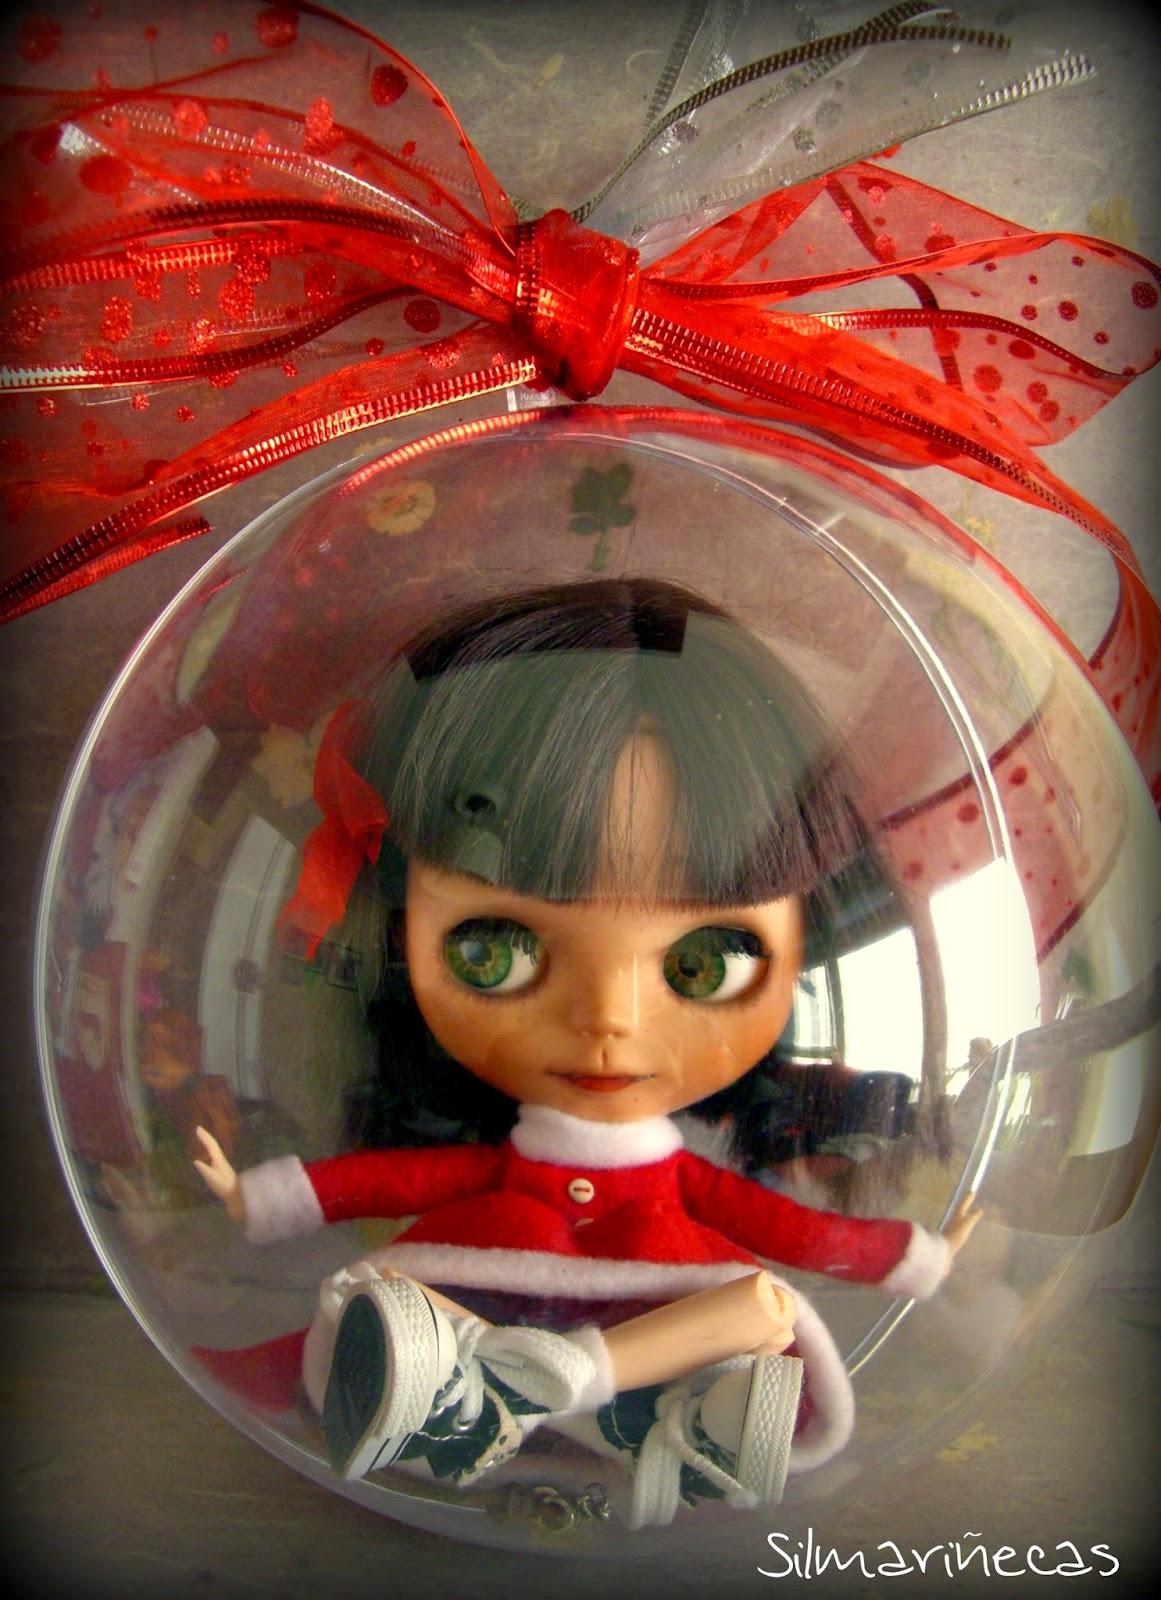 basaak doll, dentro de bola de navidad grande